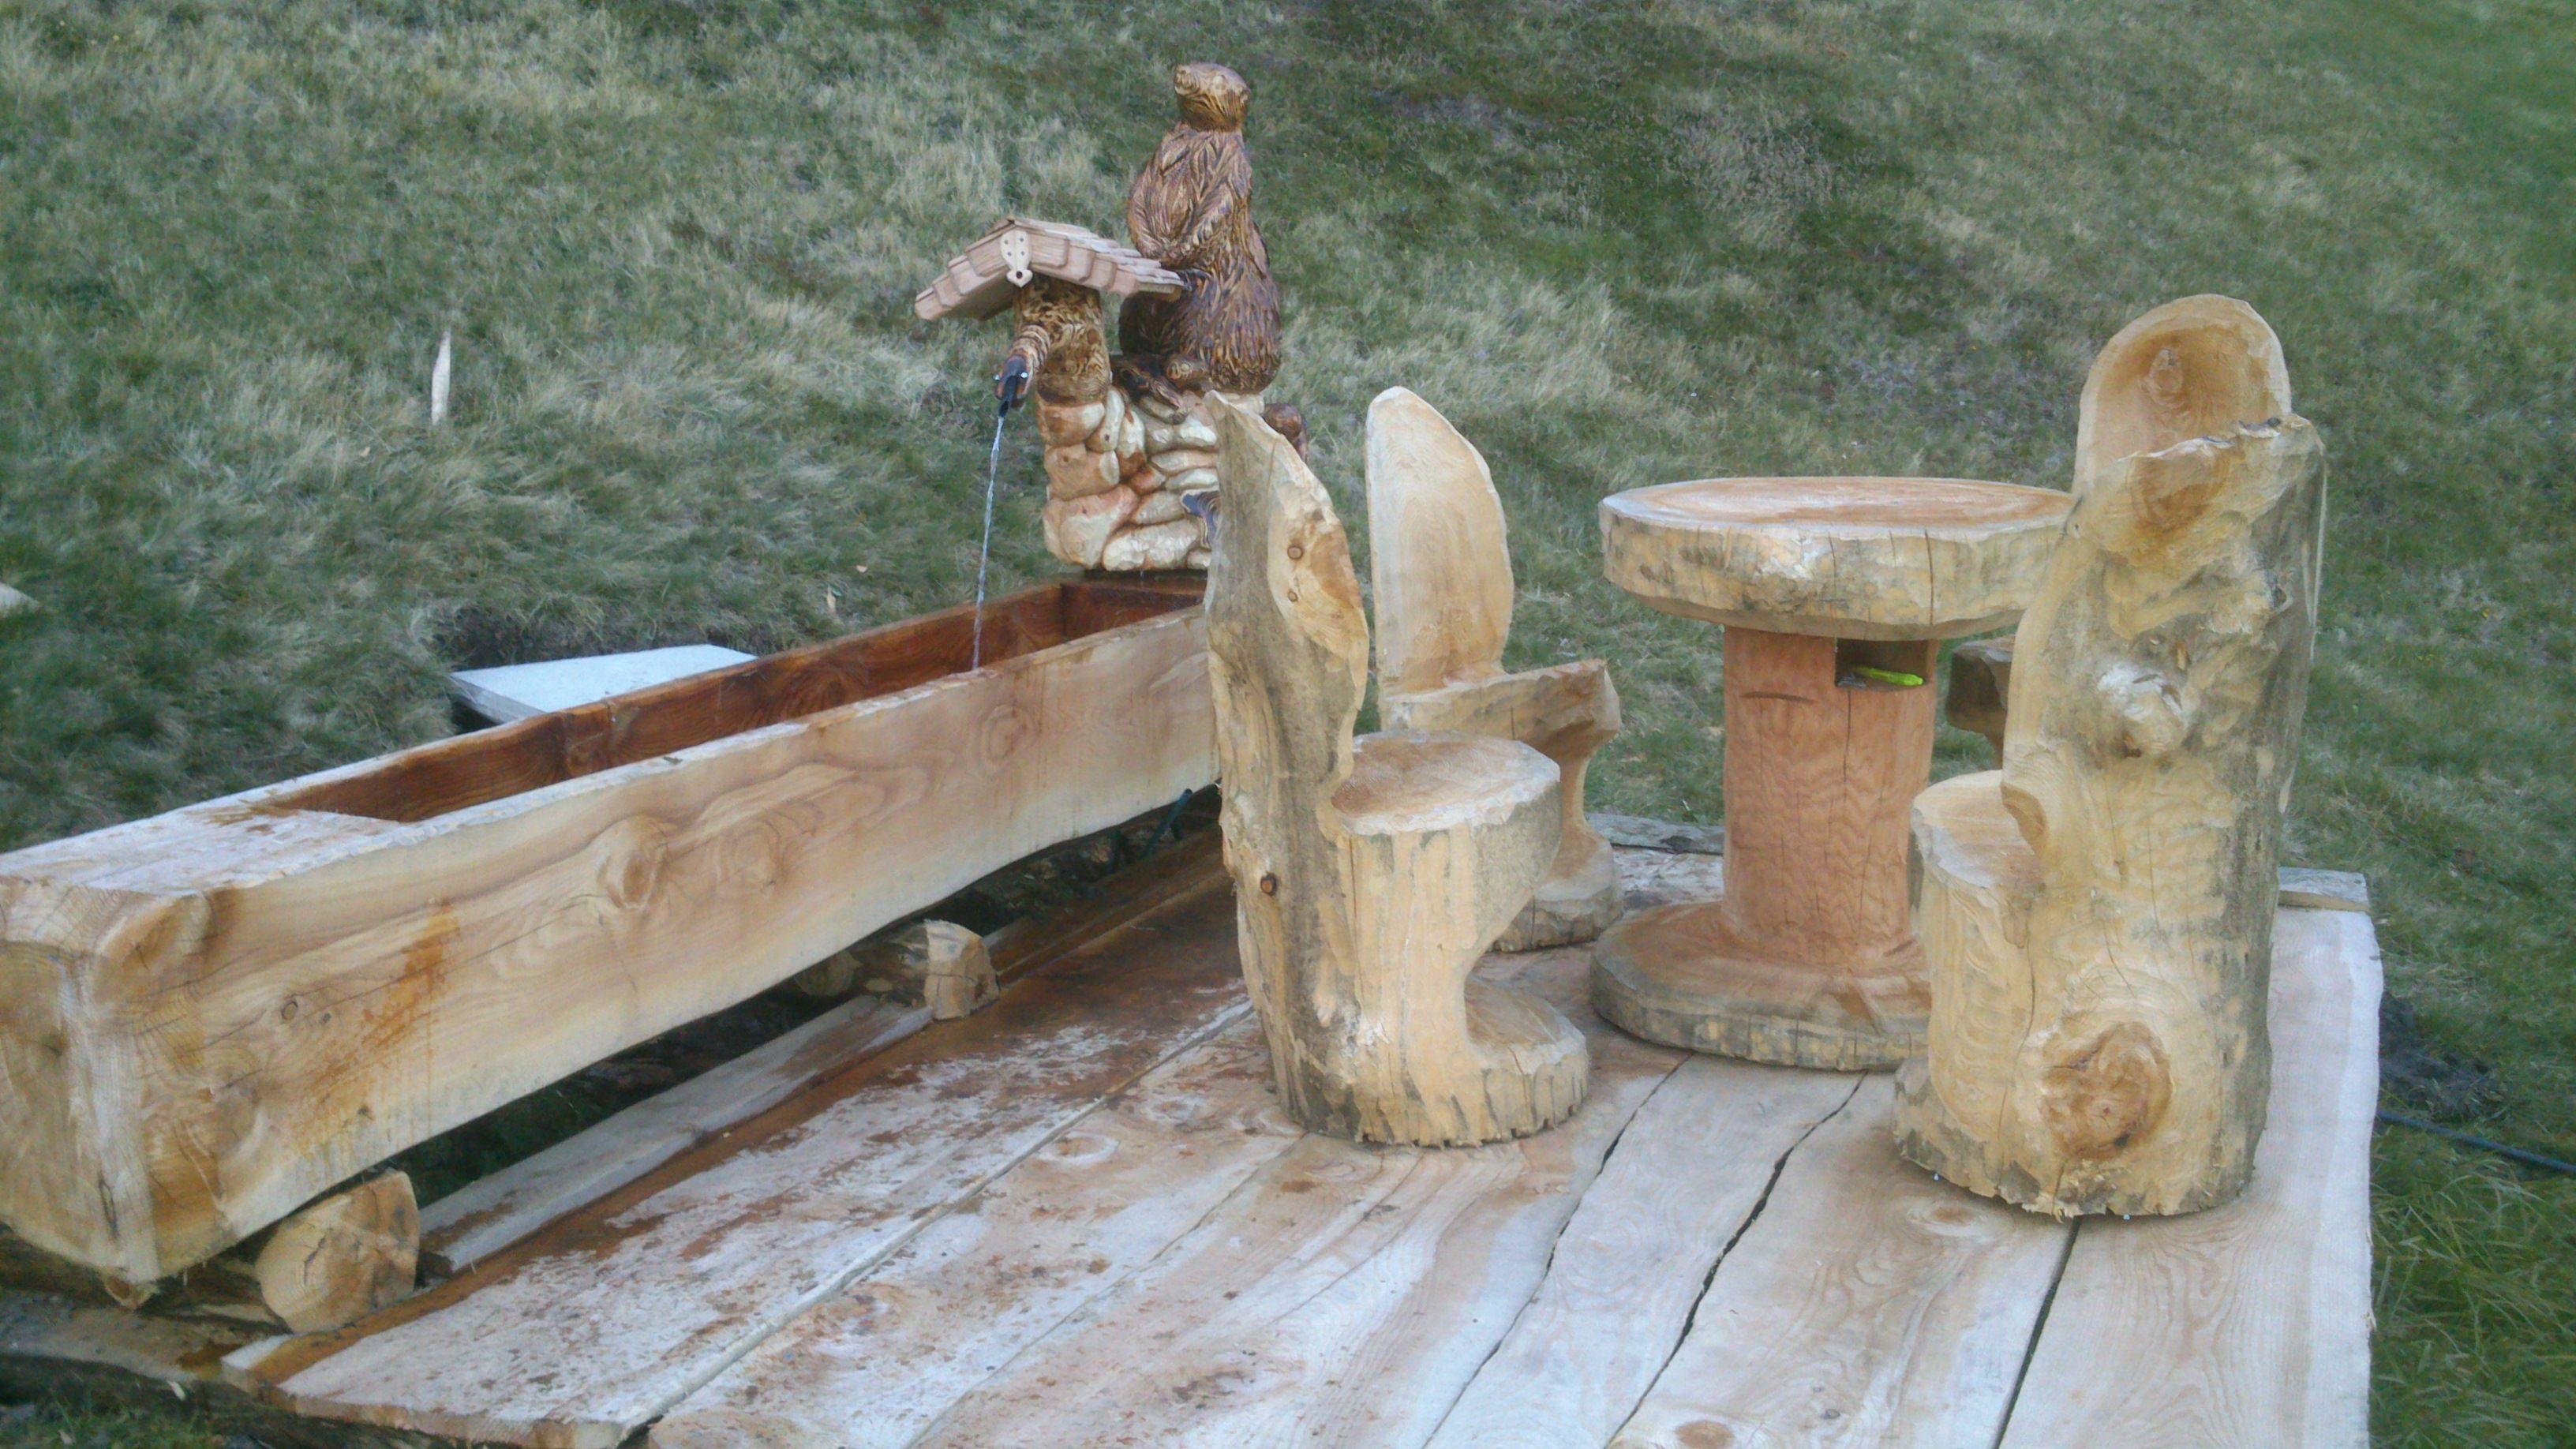 Alles Aus Einem Baum Trog Tisch Stuhle Tattermann Boden Und